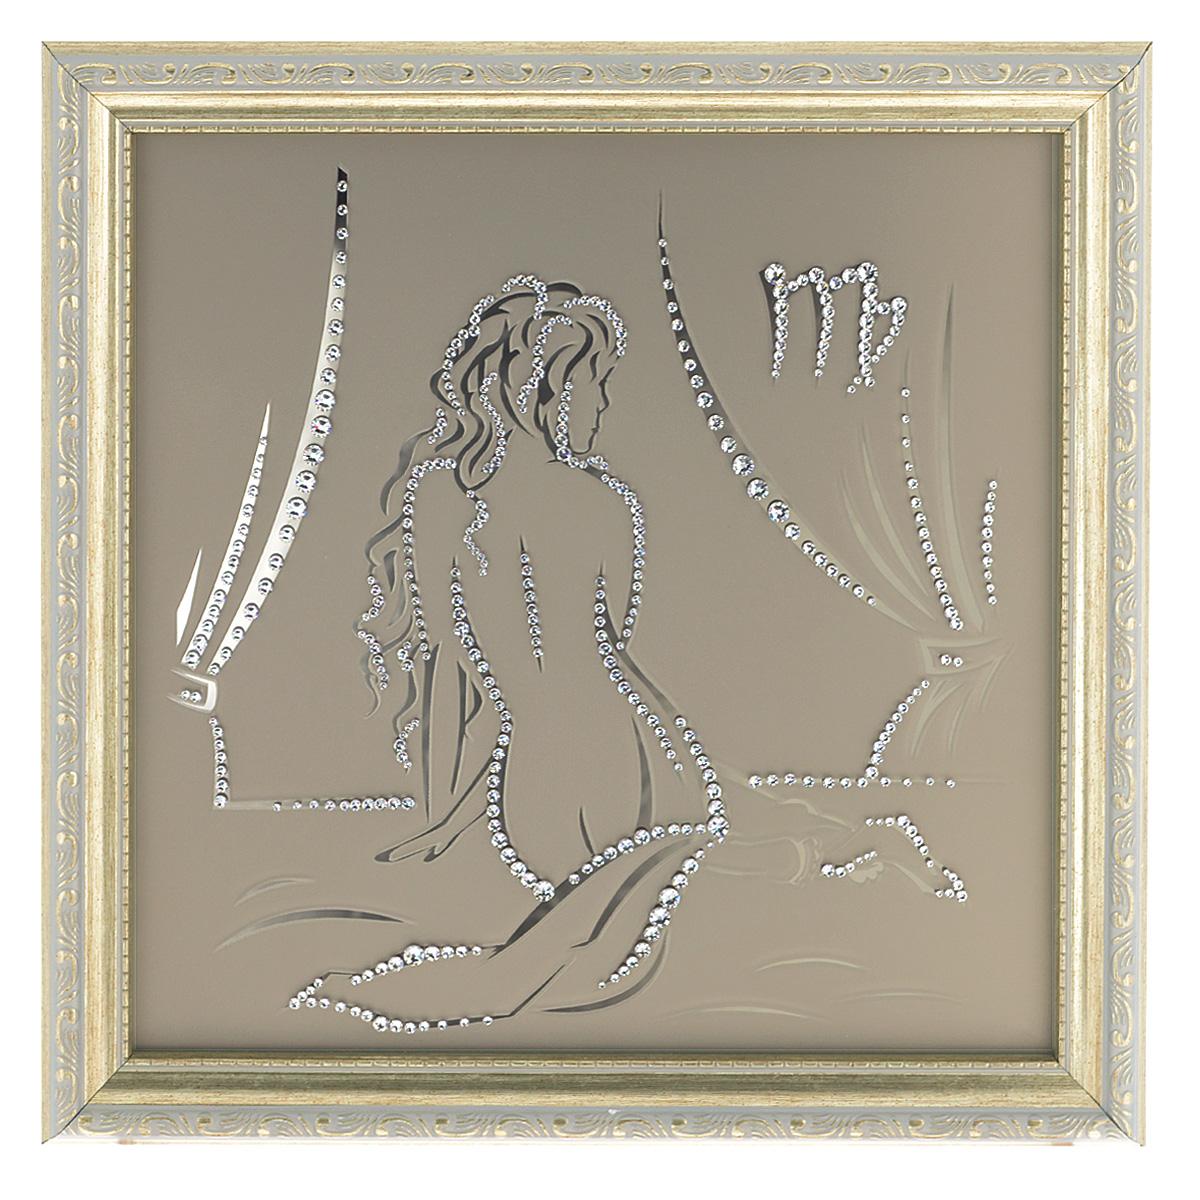 Картина с кристаллами Swarovski Знак зодиака. Дева, 35 х 35 см12723Изящная картина в багетной раме Знак зодиака. Дева инкрустирована кристаллами Swarovski, которые отличаются четкой и ровной огранкой, ярким блеском и чистотой цвета. Идеально подобранная палитра кристаллов прекрасно дополняет картину. С задней стороны изделие оснащено проволокой для размещения на стене. Картина с кристаллами Swarovski элегантно украсит интерьер дома, а также станет прекрасным подарком, который обязательно понравится получателю. Блеск кристаллов в интерьере - что может быть сказочнее и удивительнее. Изделие упаковано в подарочную картонную коробку синего цвета и комплектуется сертификатом соответствия Swarovski.